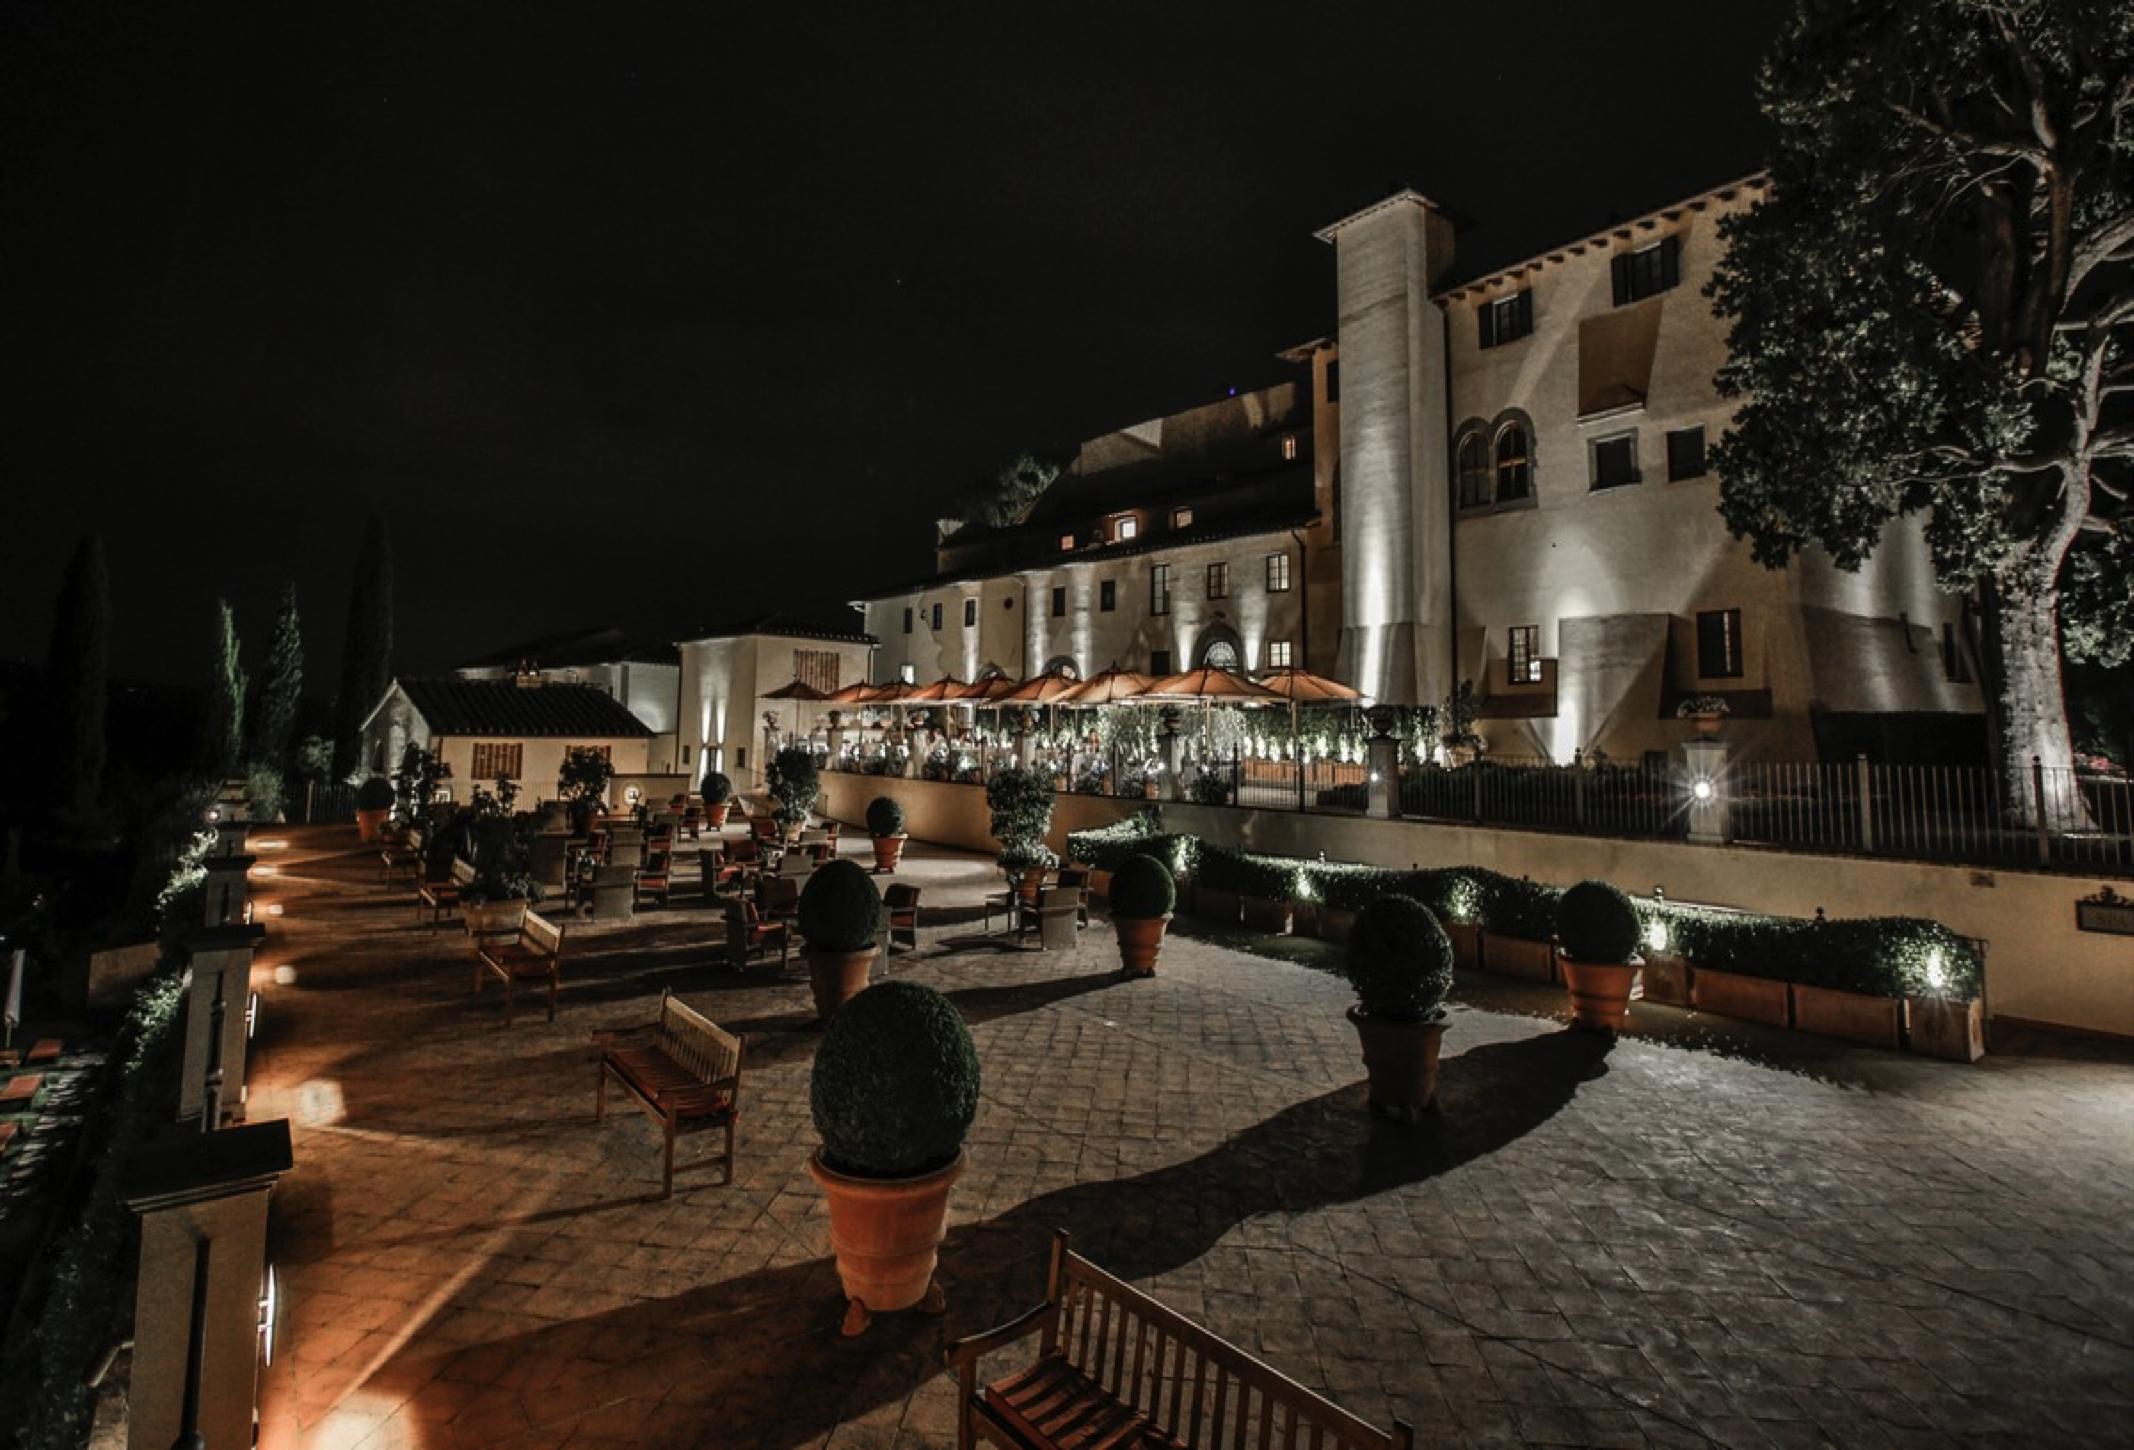 castello del nero by night